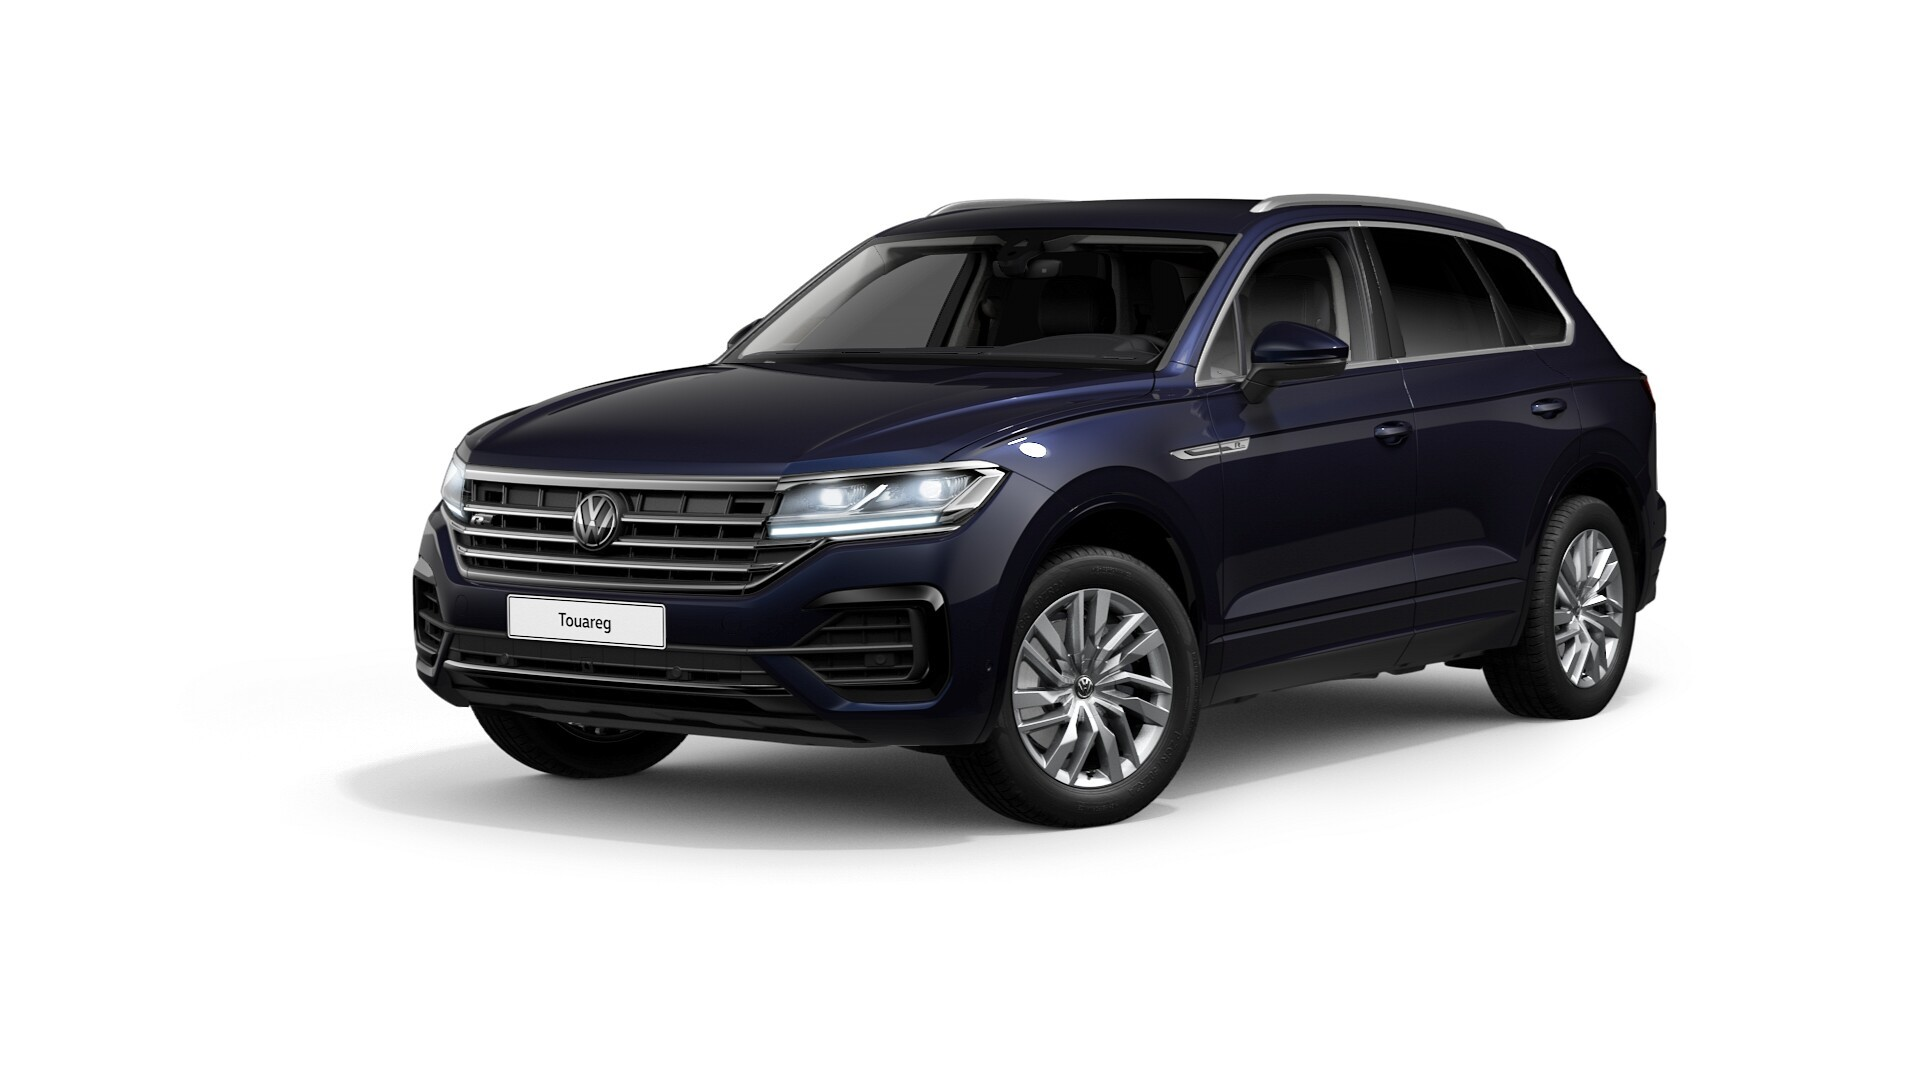 Volkswagen Touareg Внедорожник (R-line)